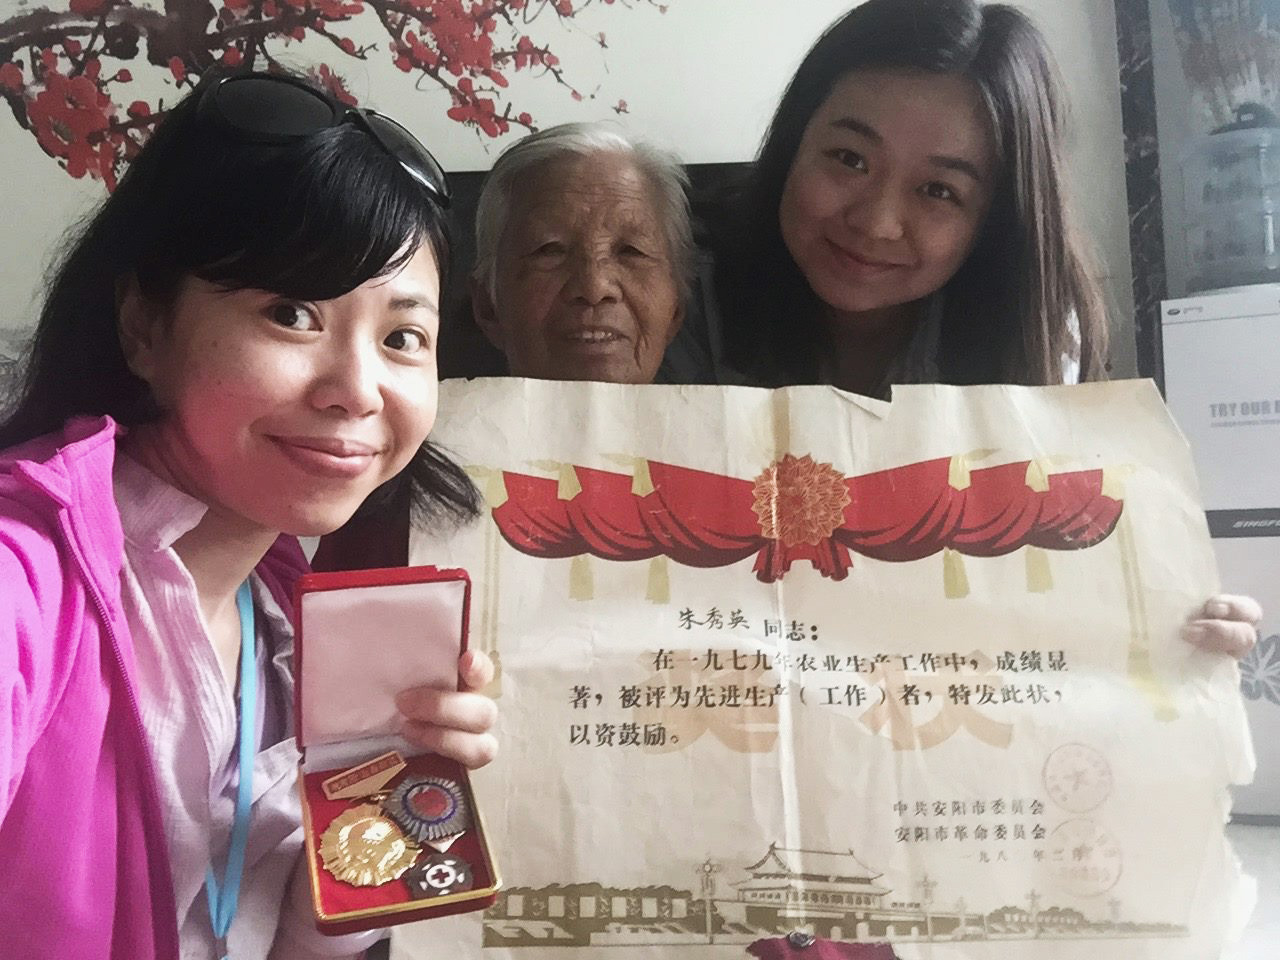 王舒俐一趟「無心插柳」的田野調查,為中國河南安陽小村的「地方營造」歷程,留下了珍貴的記錄與觀點。圖│王舒俐(圖左)